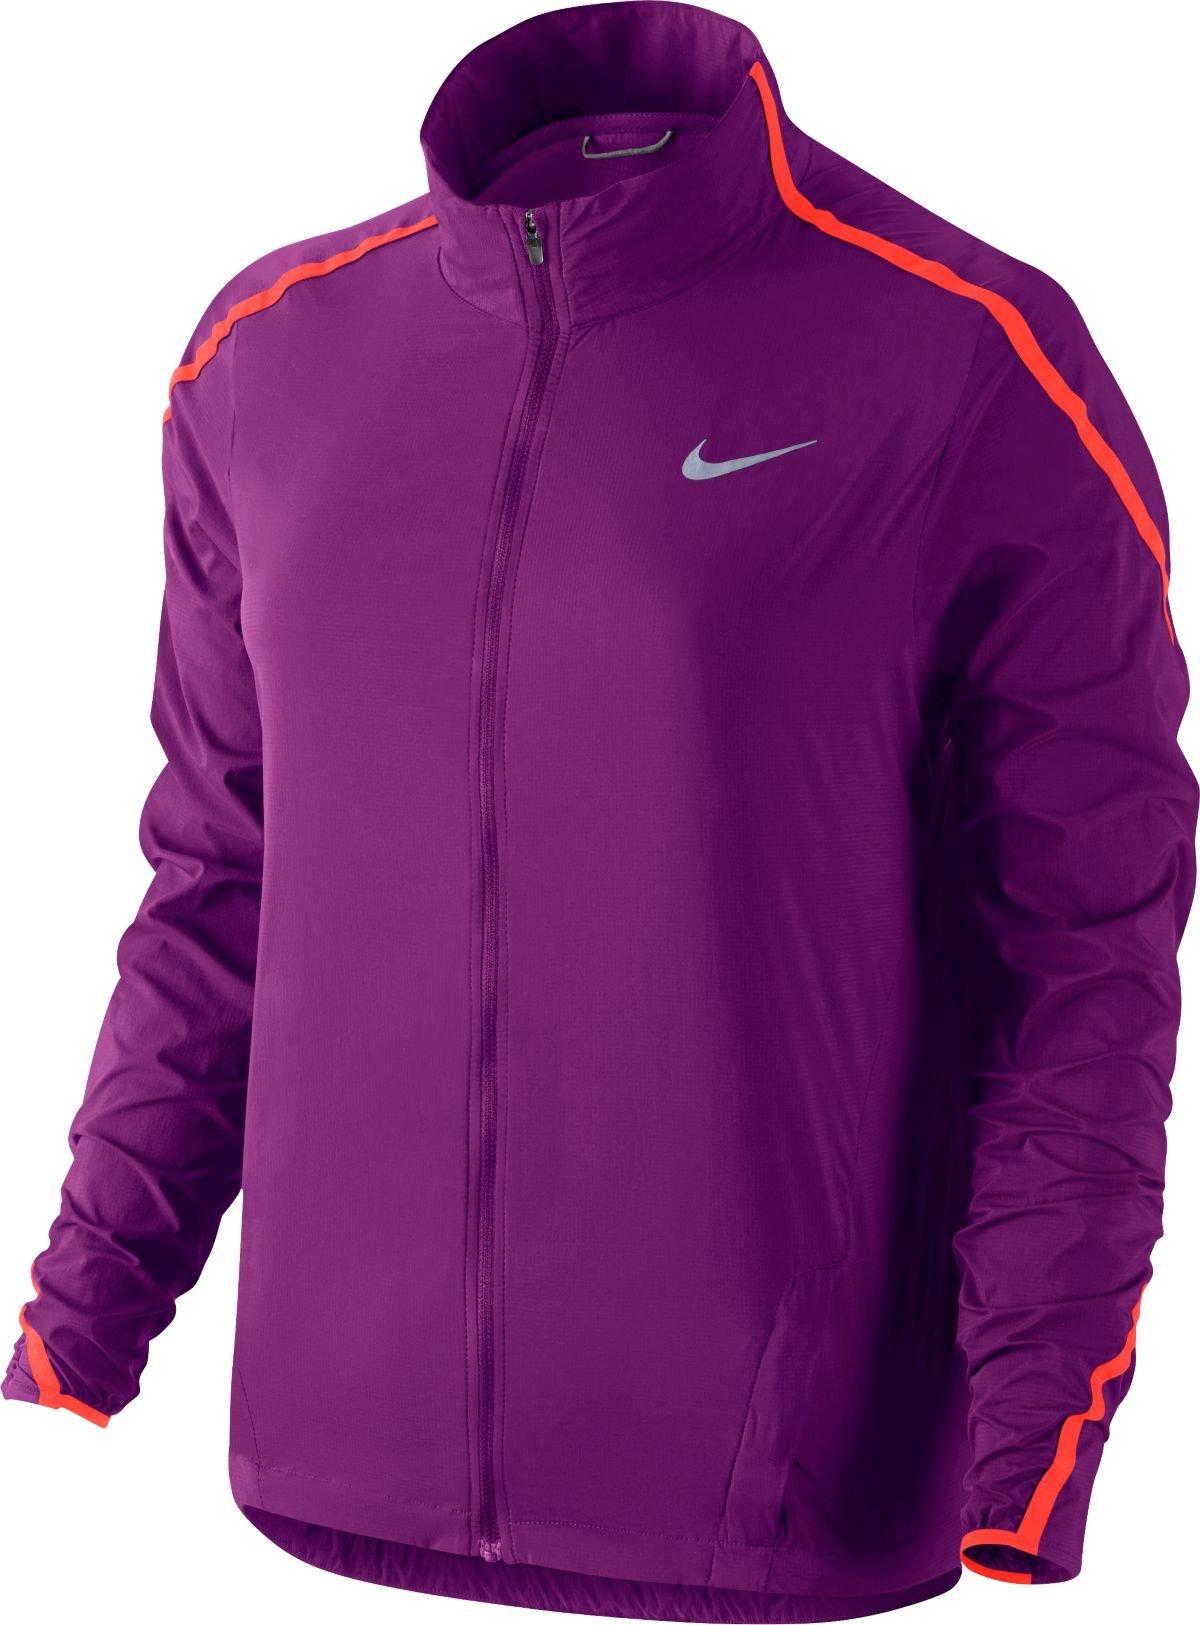 Bunda Nike IMPOSSIBLY LIGHT JKT